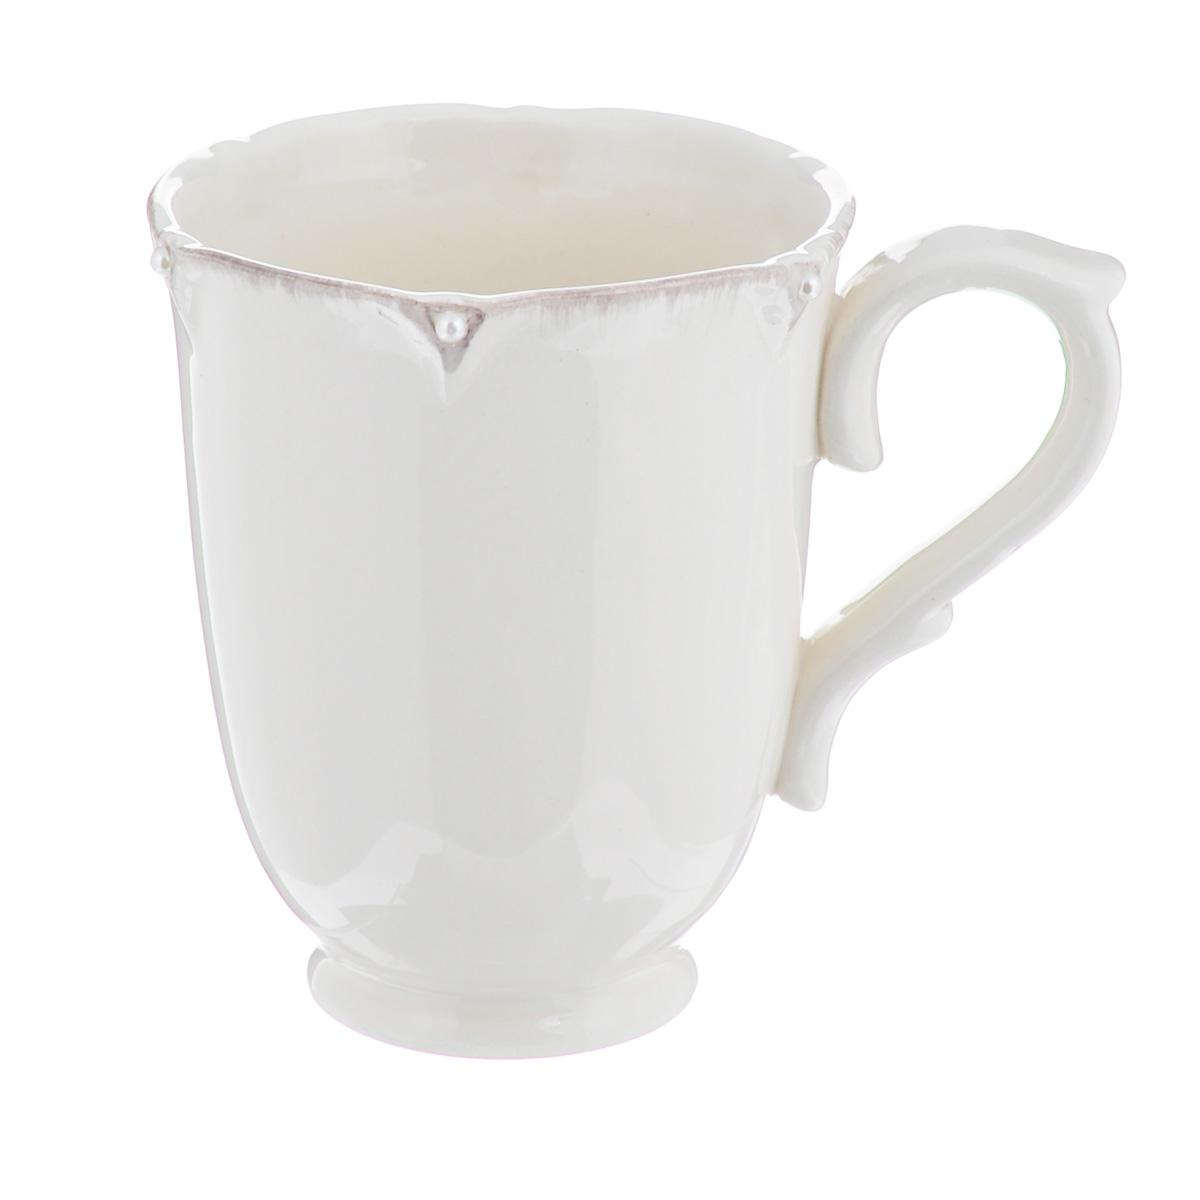 Кружка Lillo Ideal, 350 мл214950Кружка Lillo Ideal выполнена из высококачественной керамики. Края кружки рельефные и декорированы искусственным жемчугом. Такая кружка порадует вас дизайном и функциональностью, а пить чай или кофе из нее станет еще приятнее. Остерегайтесь сильных ударов. Не применять абразивные чистящие средства.